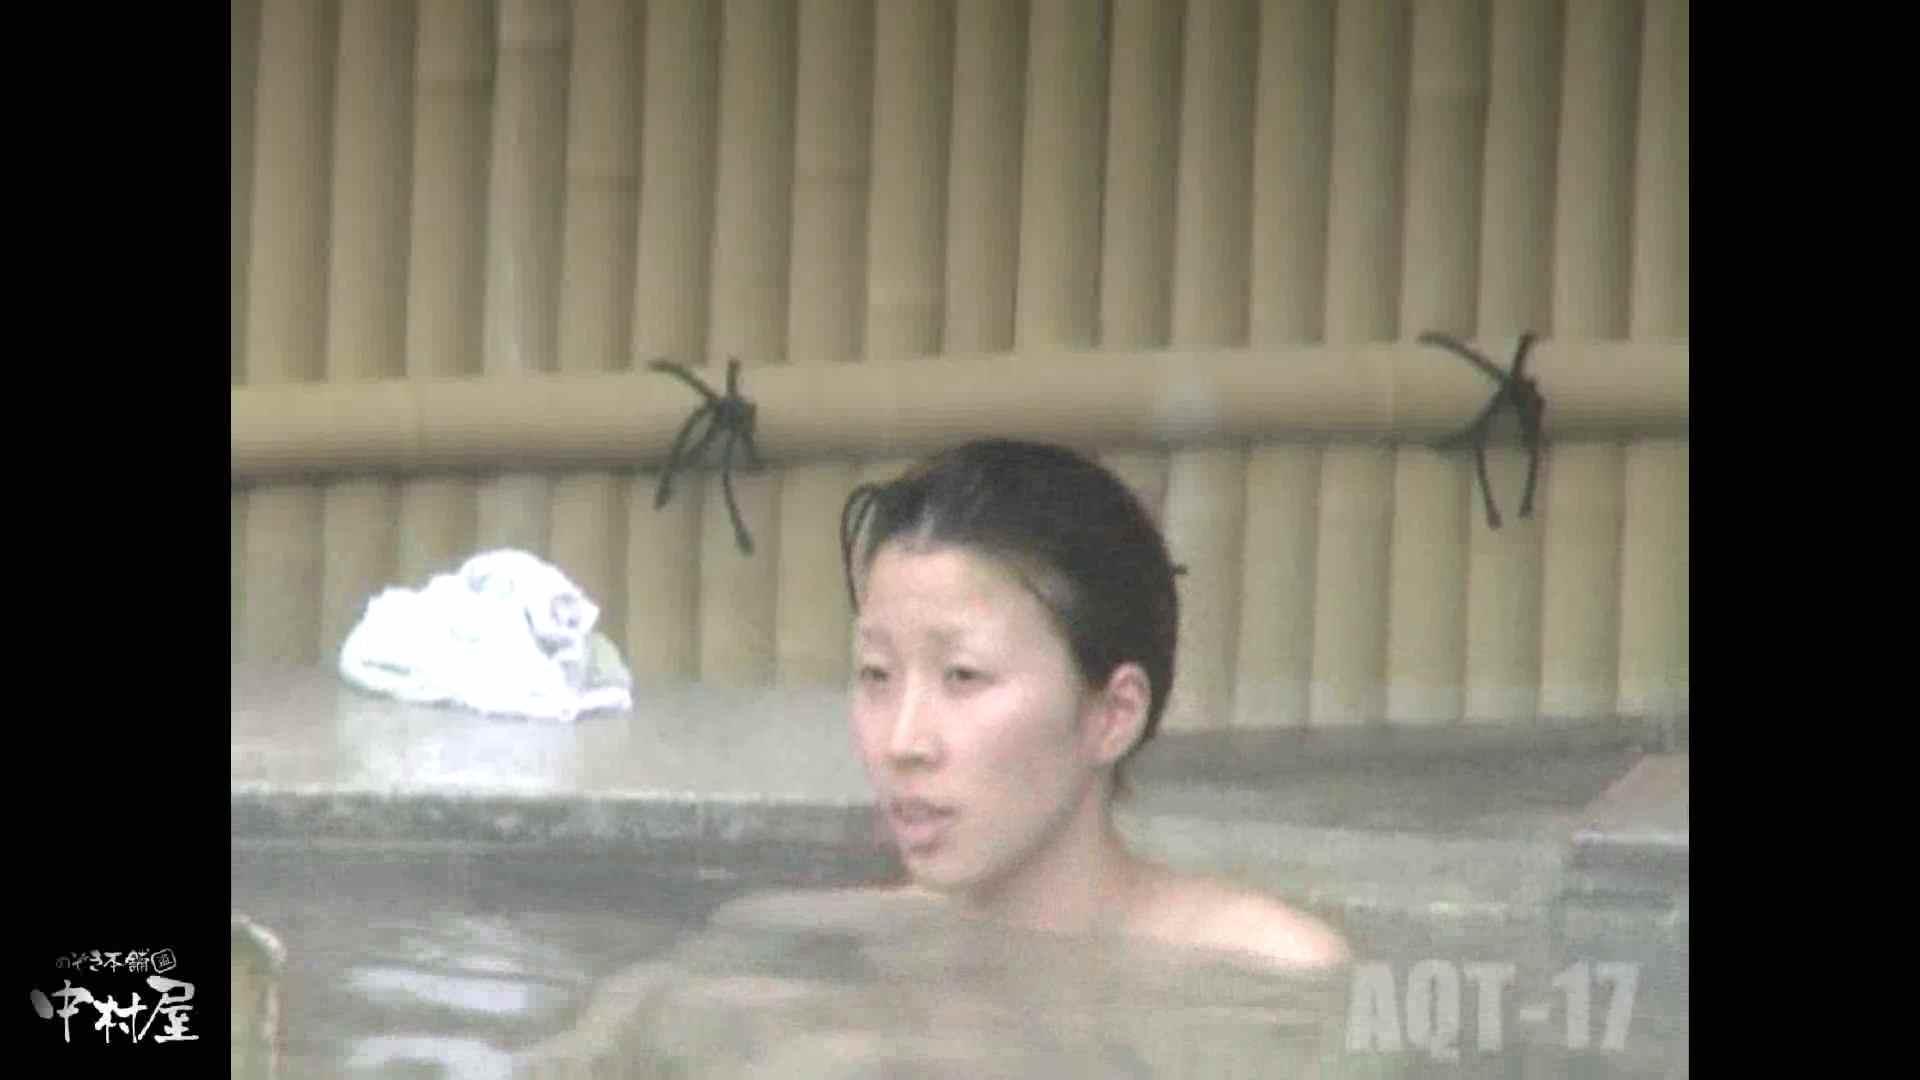 Aquaな露天風呂Vol.881潜入盗撮露天風呂十七判湯 其の二 露天風呂突入  92pic 4